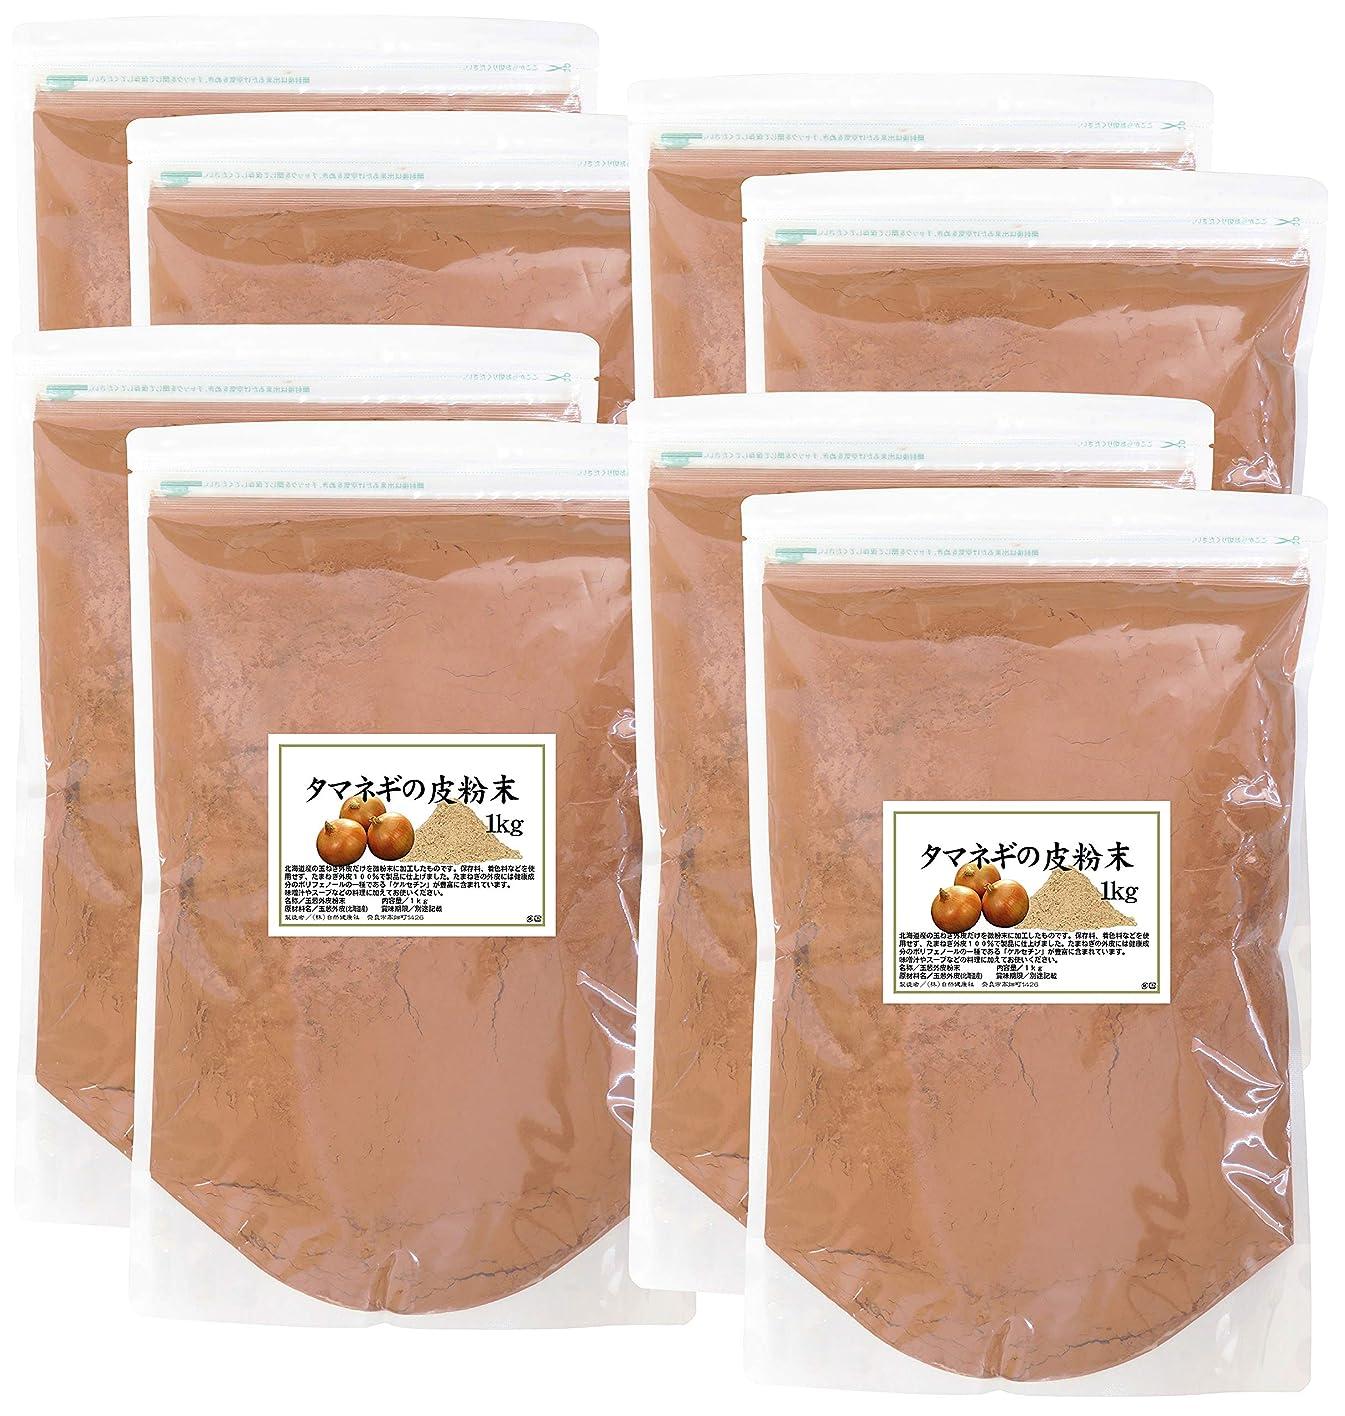 に対して閉塞パッケージ自然健康社 国産?玉ねぎの皮粉末 1kg×4個(500g×8袋) チャック付き袋入り